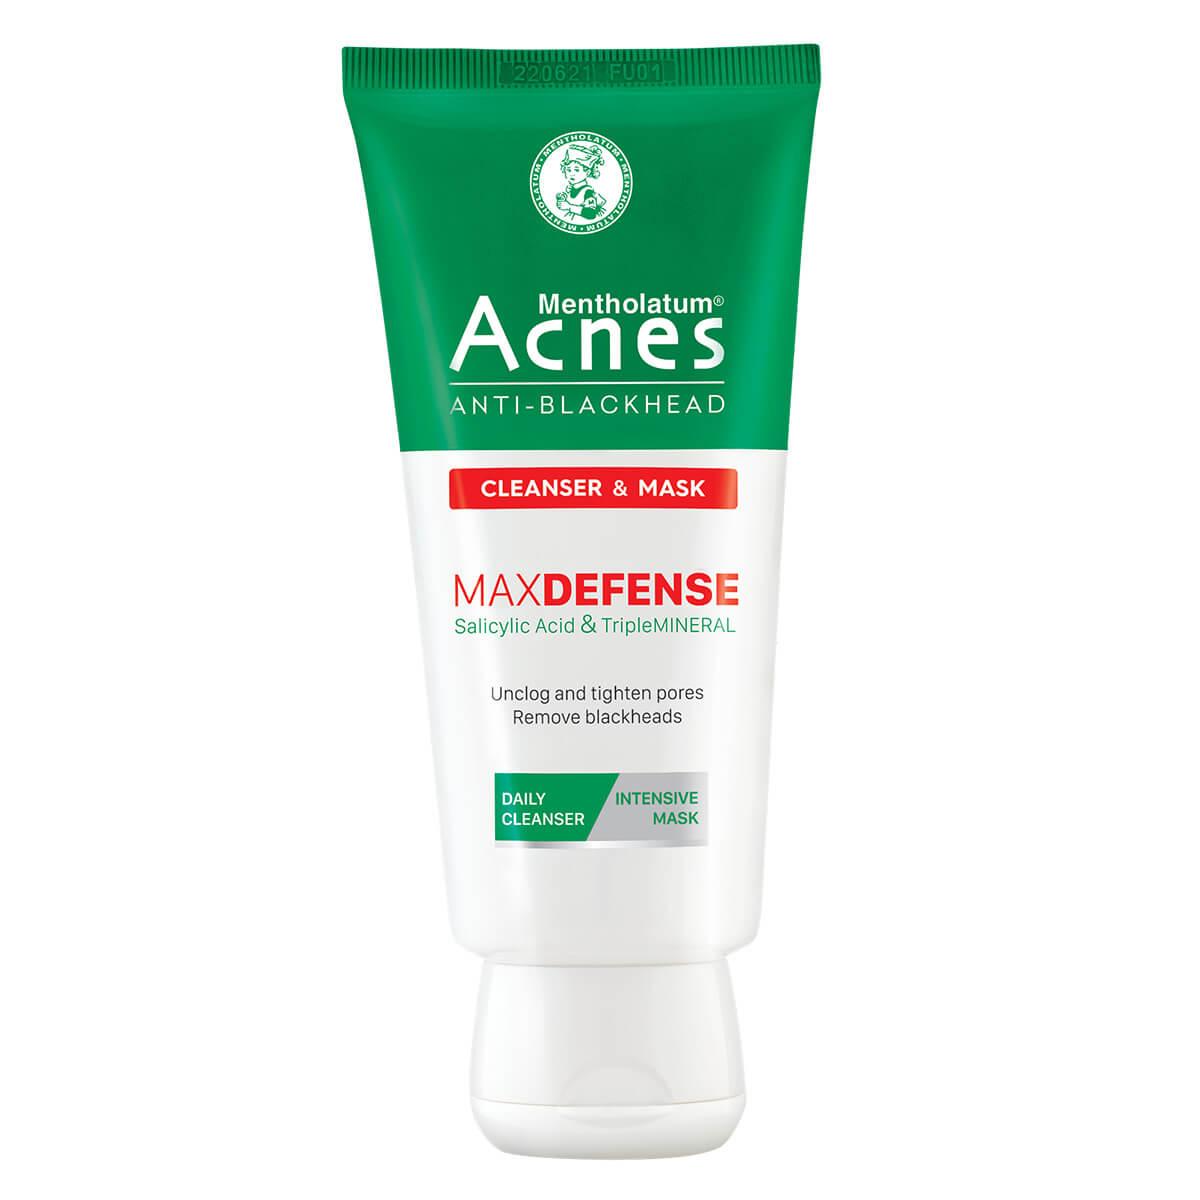 Kem rửa mặt / Mặt nạ ngăn ngừa mụn đầu đen